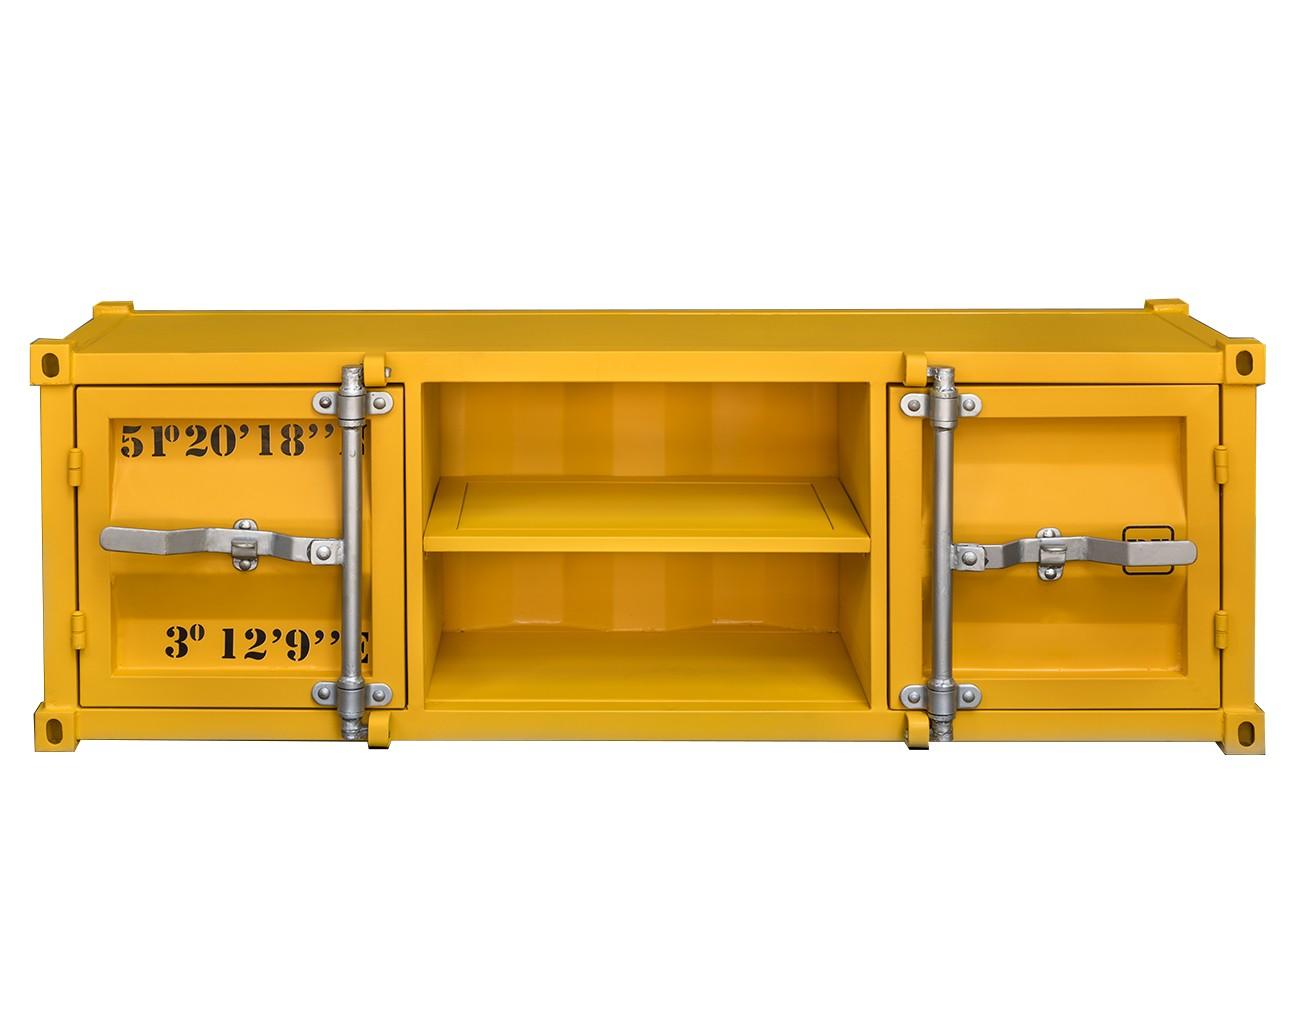 Rack em Aço de Containers Mega-hertz